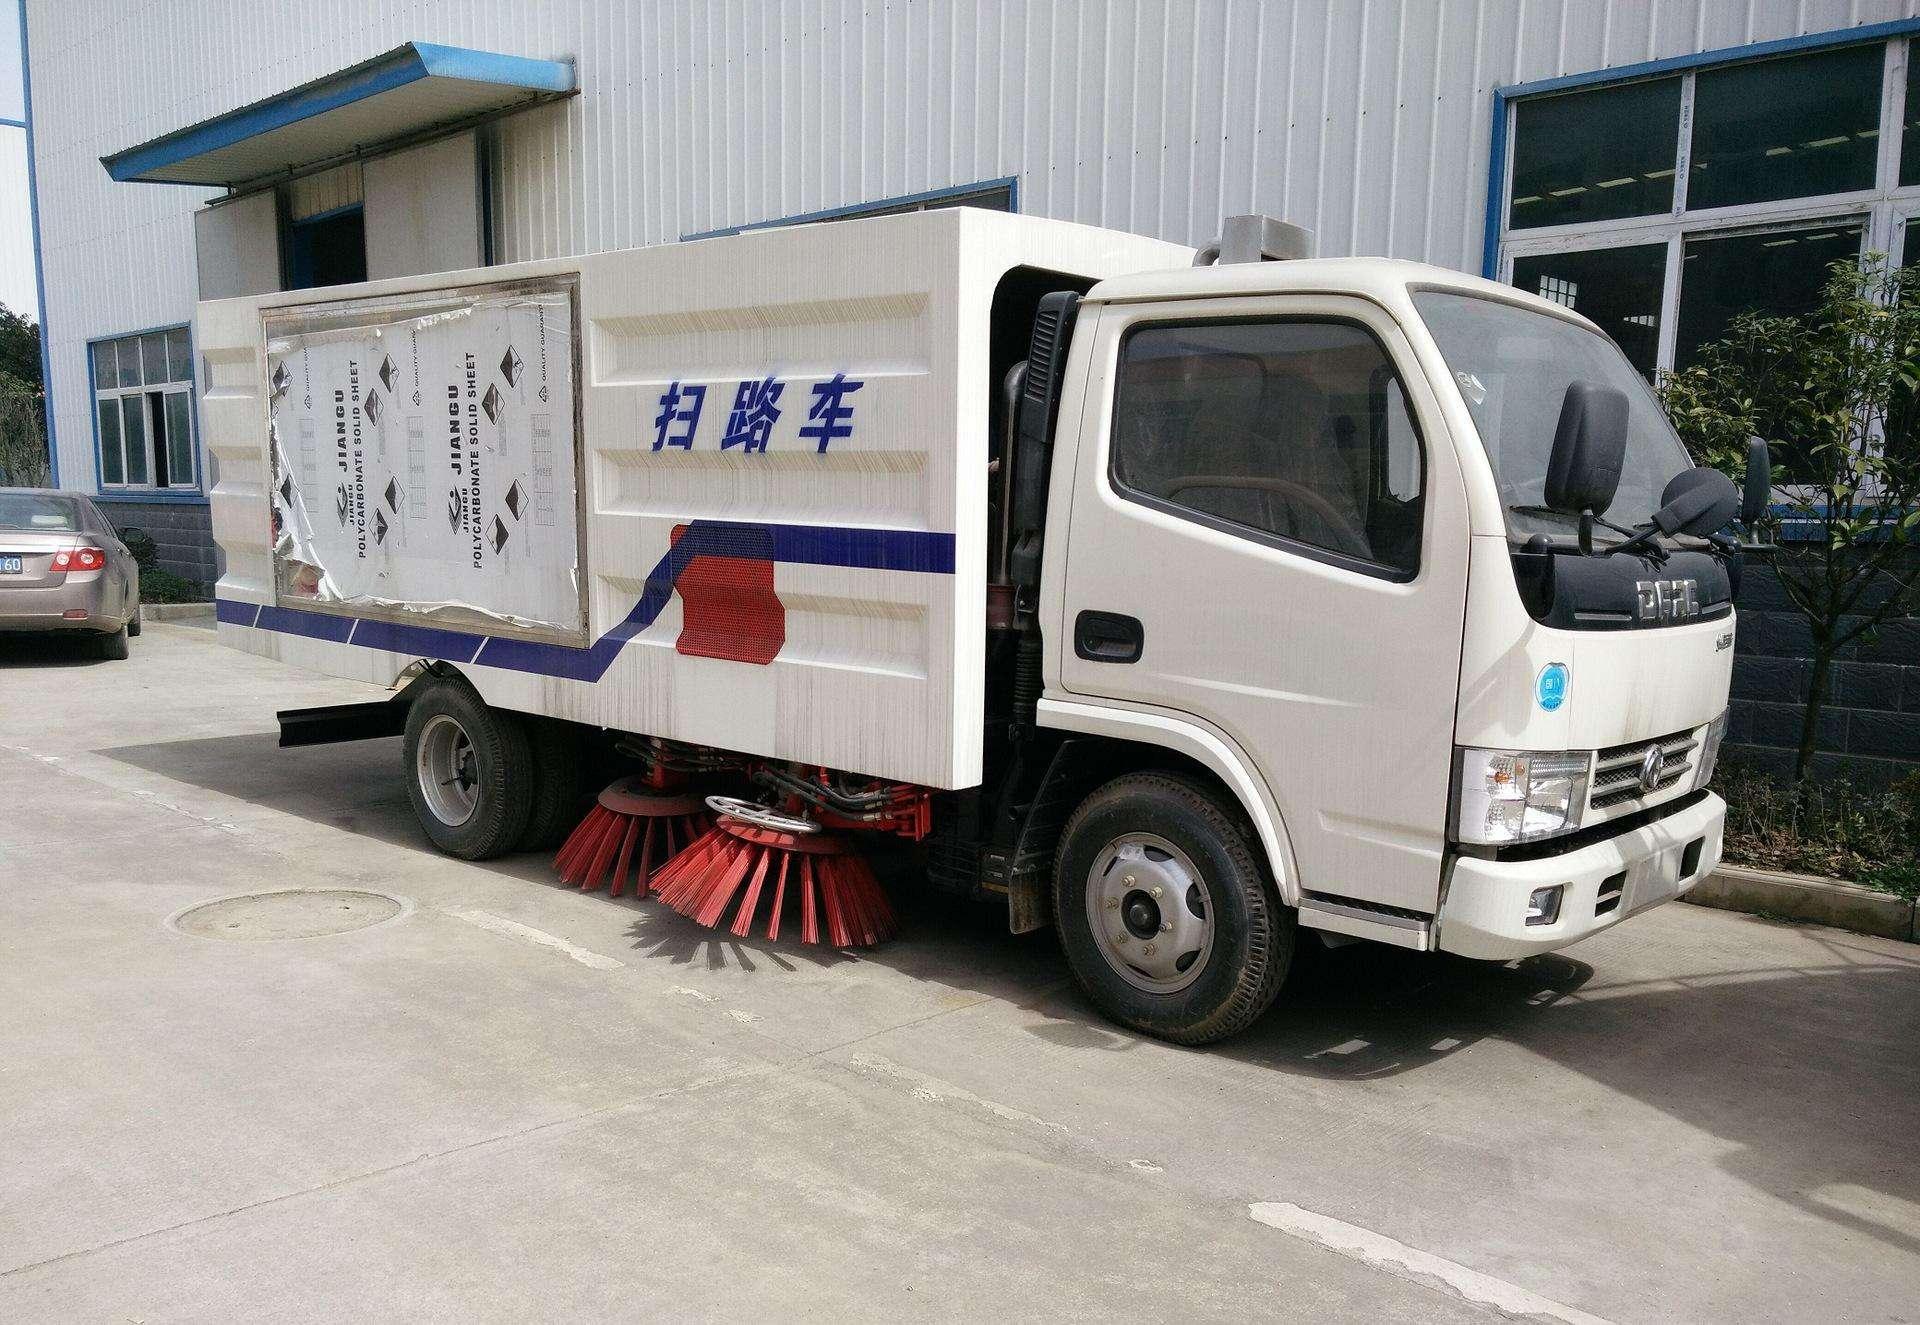 北京扫路车出租时检修阀体的注意事项有哪些